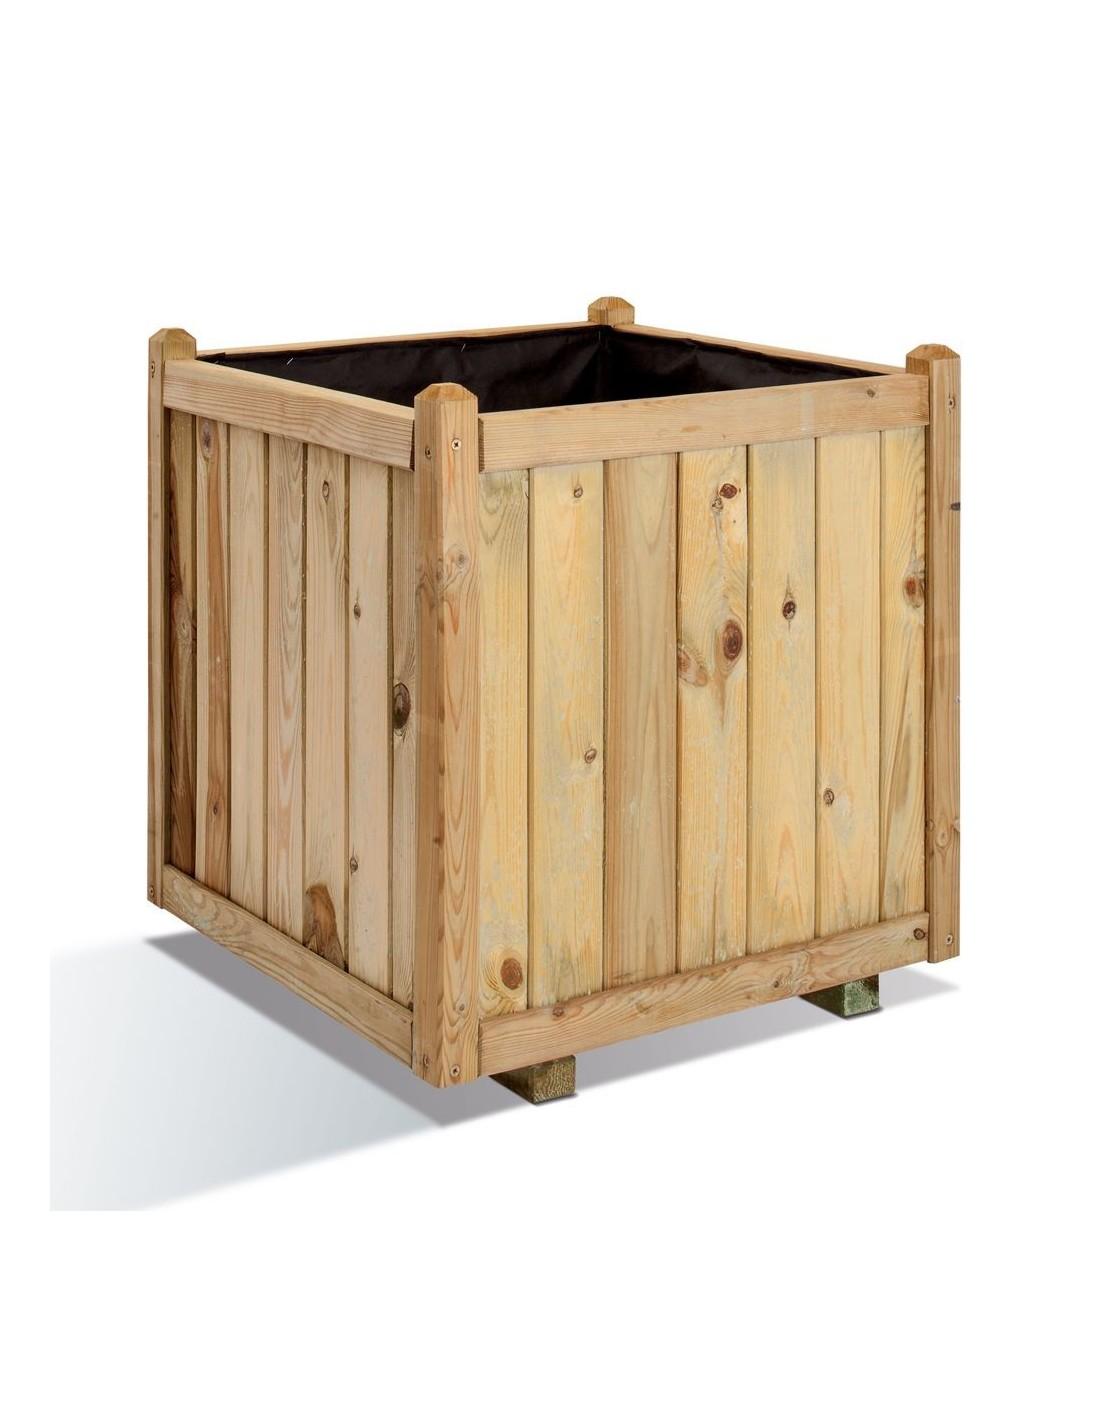 Bac carr vend me bois trait de 60x60 cm - Bac carre en bois jardin ...